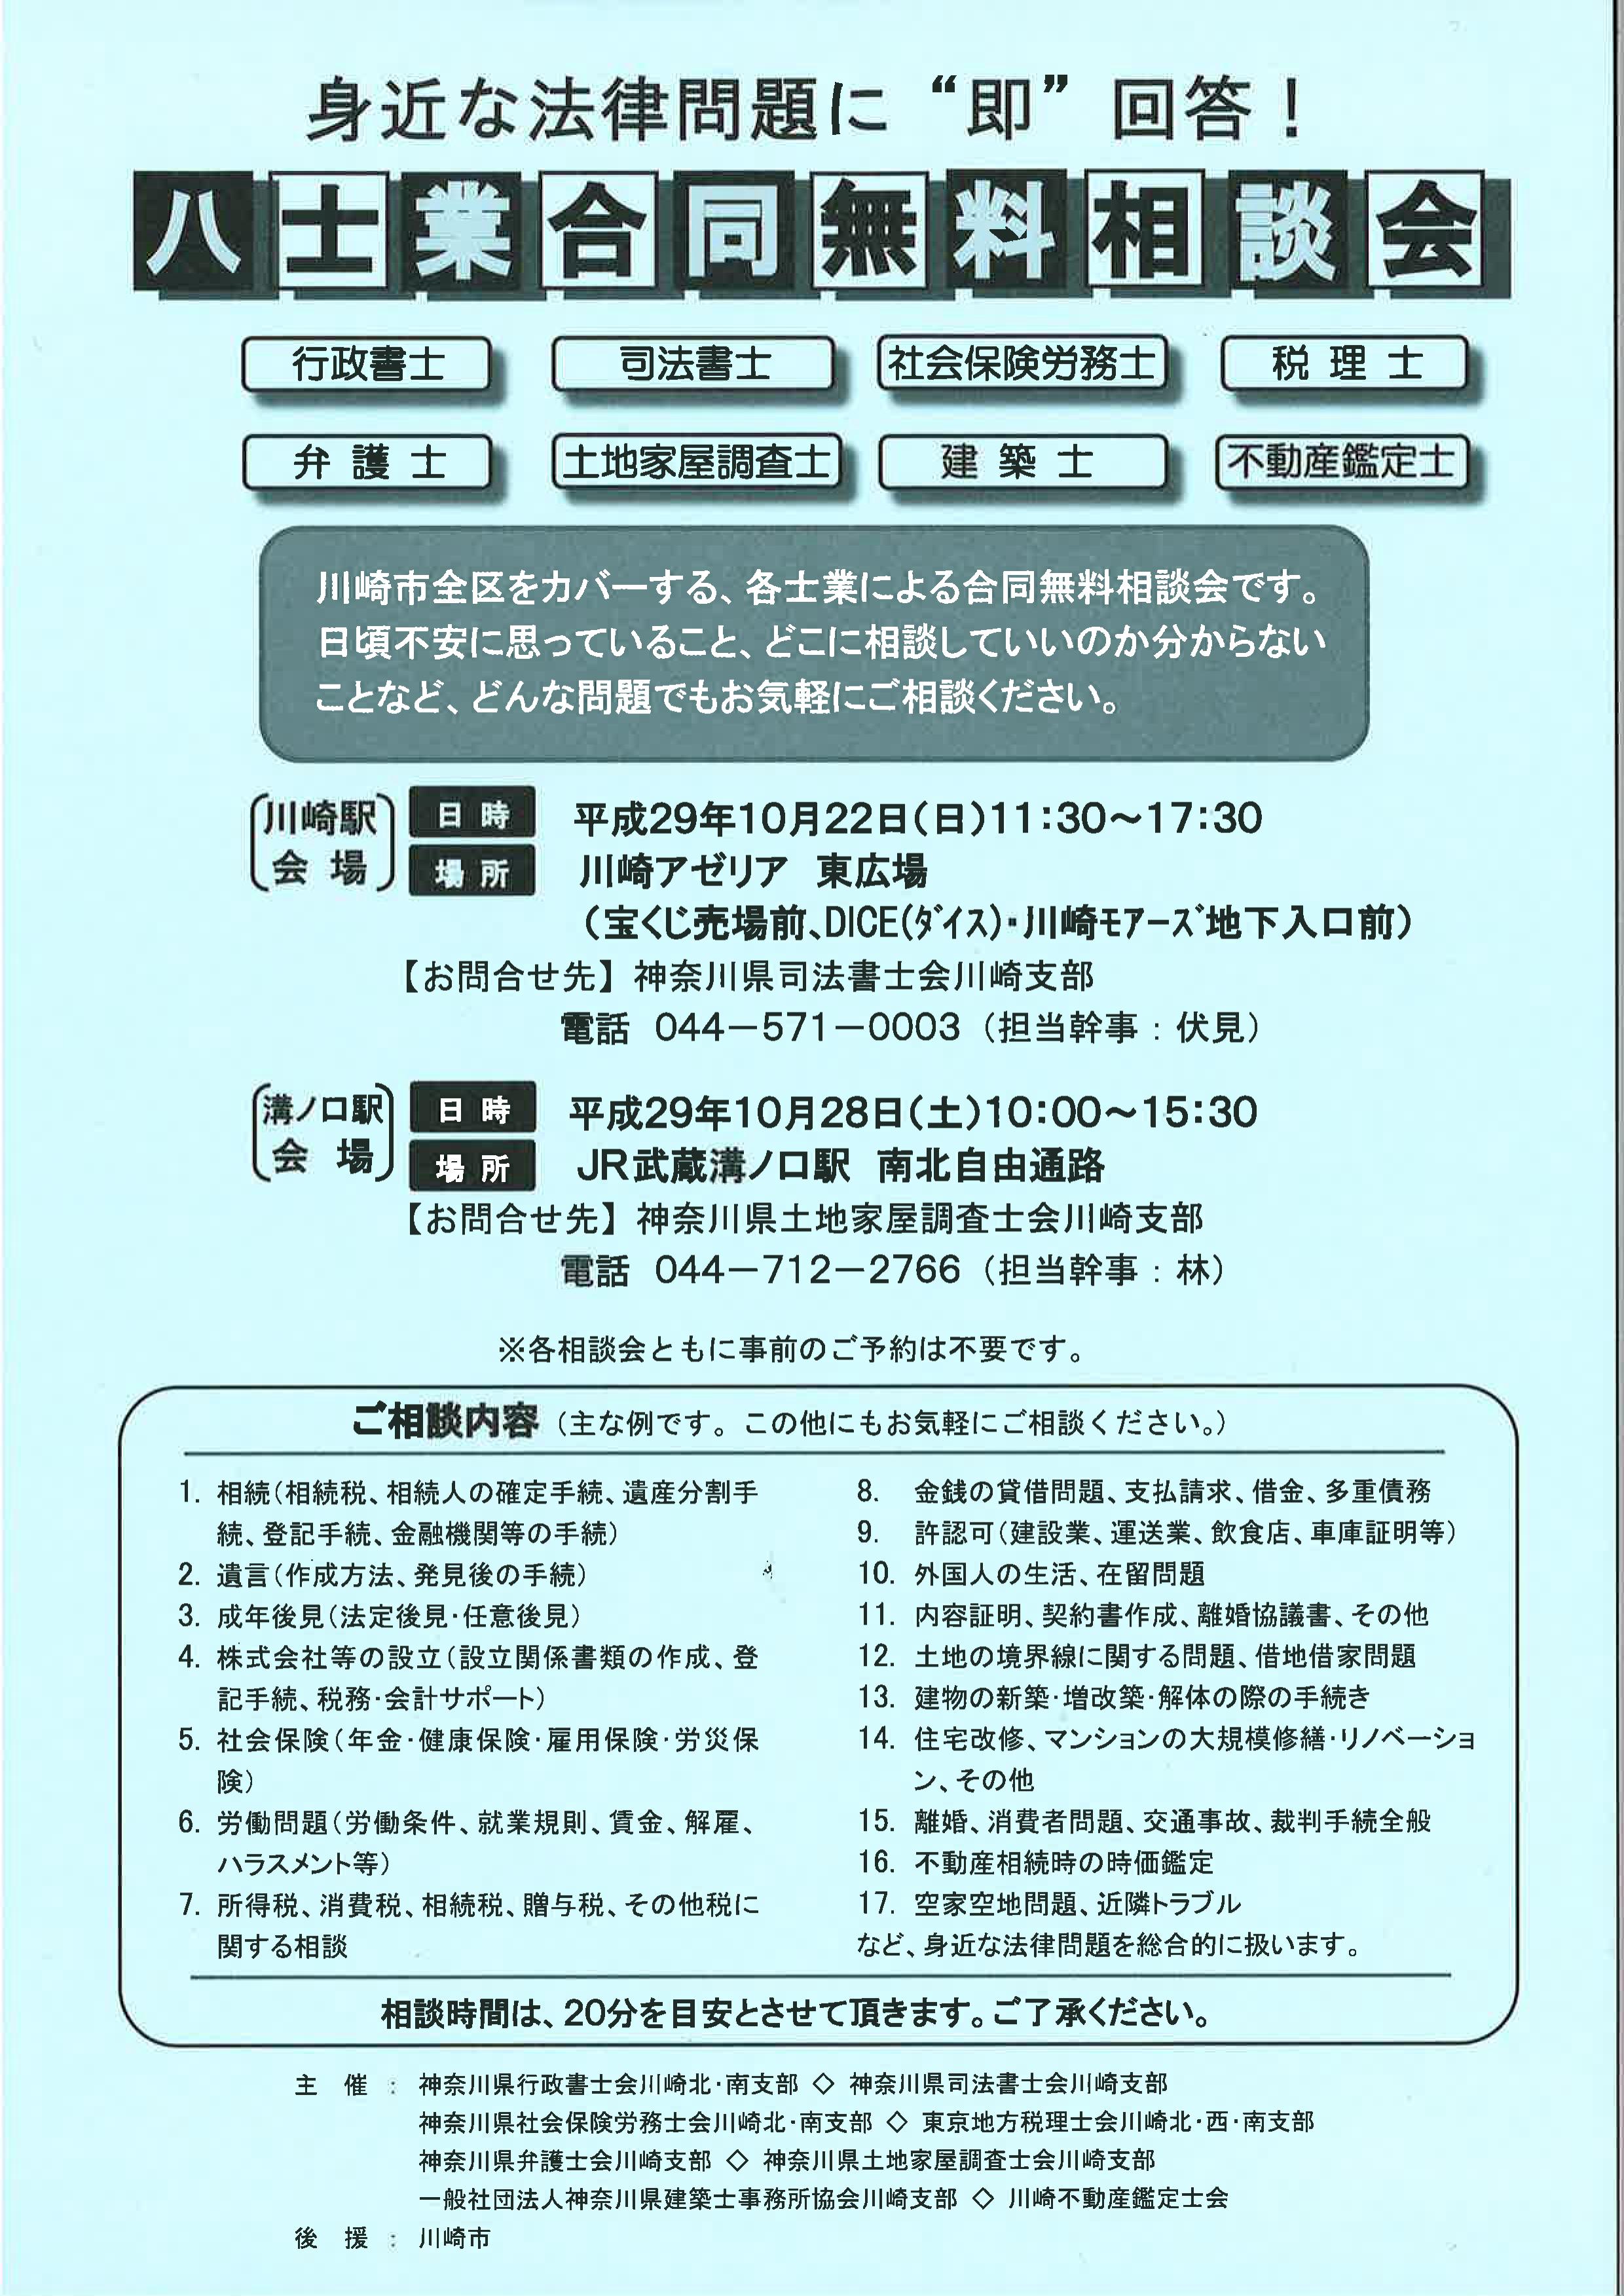 hachisigyo_free consultation_171022